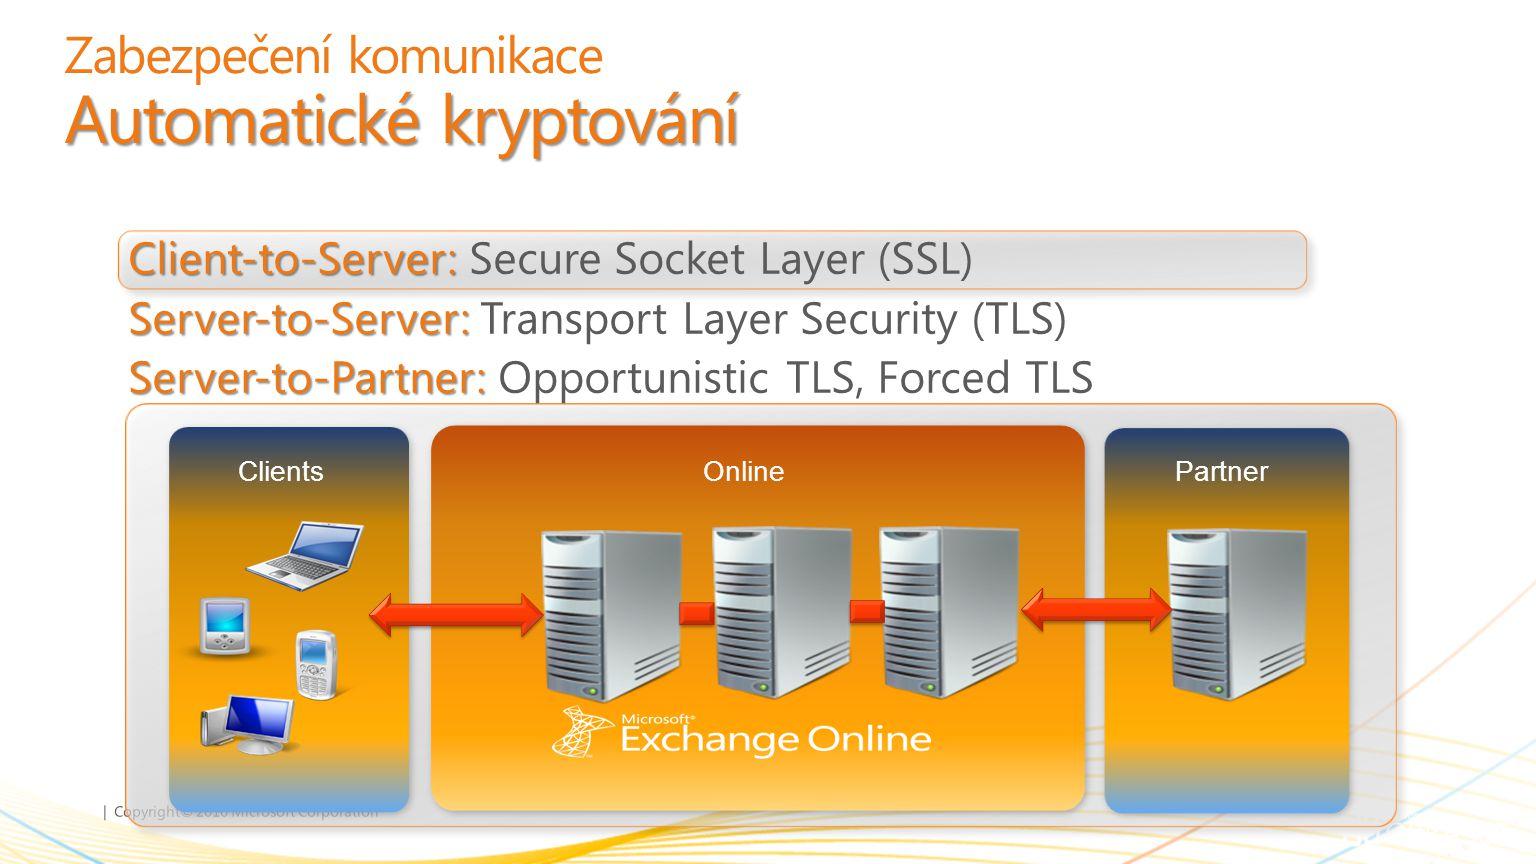 | Copyright© 2010 Microsoft Corporation Automatické kryptování Zabezpečení komunikace Automatické kryptování Client-to-Server: Client-to-Server: Secur